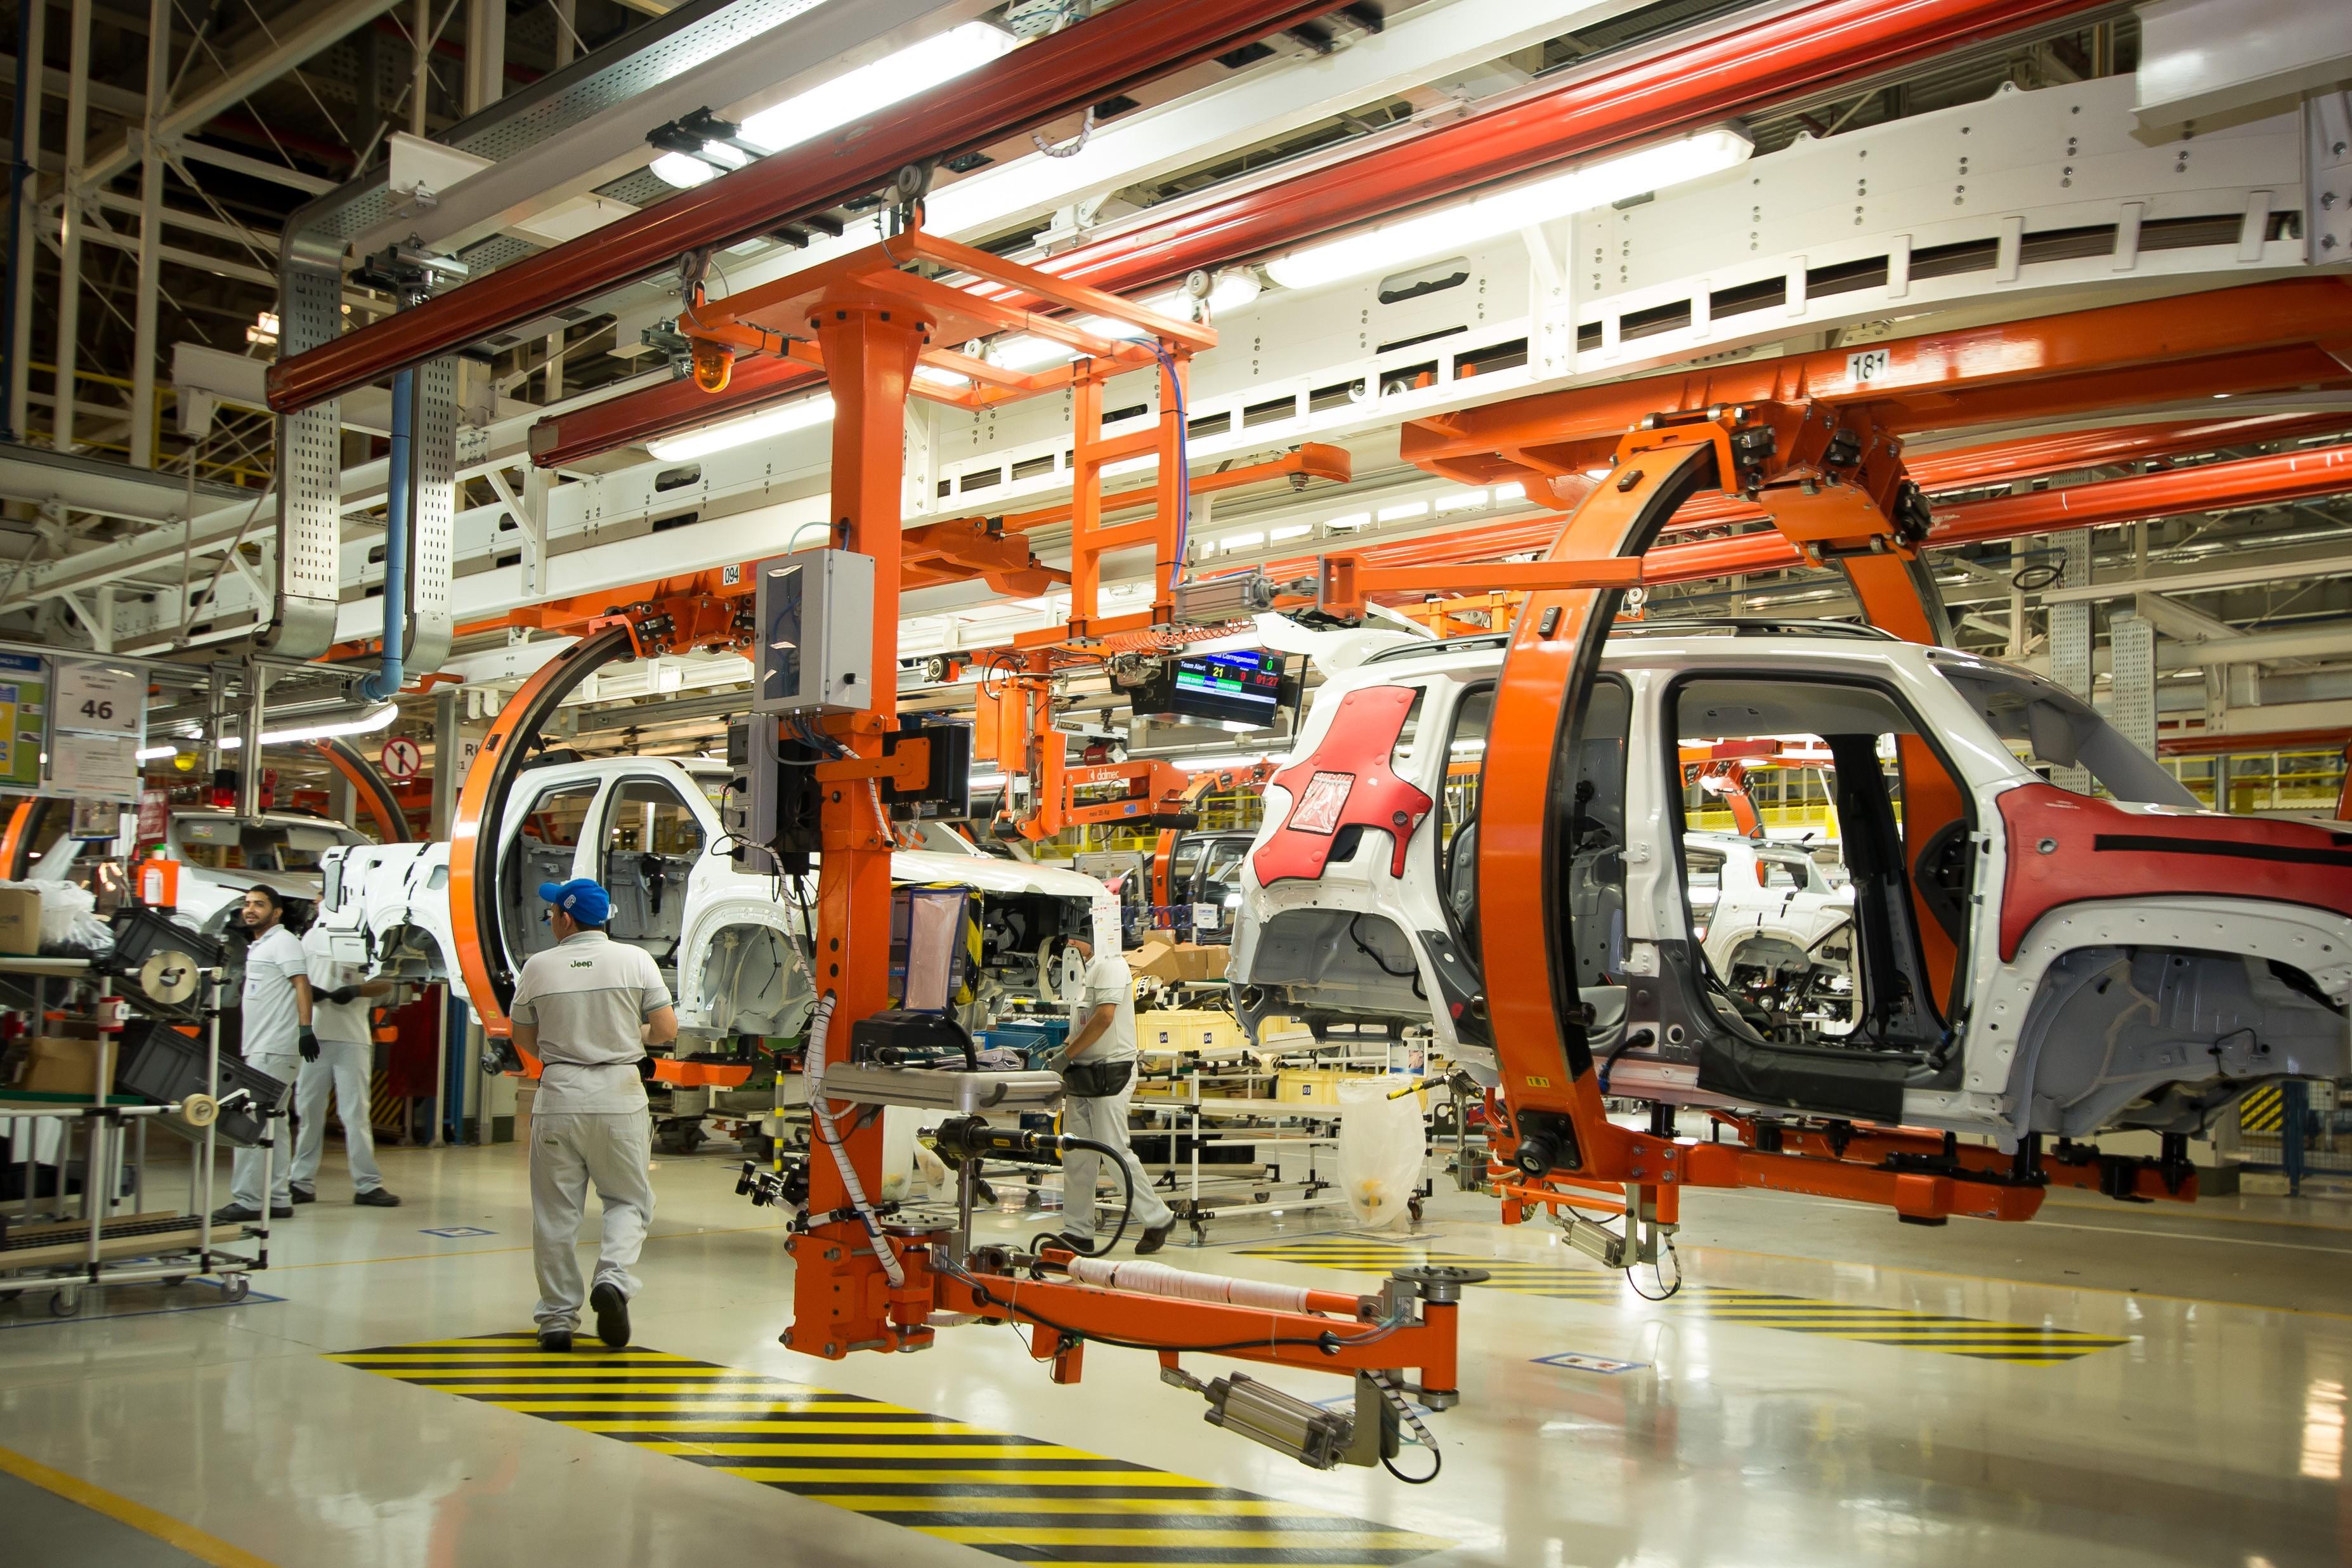 Governo e indústria automotiva criam fundo de R$ 1 bilhão para desenvolver tecnologias no Brasil - Notícias - Plantão Diário